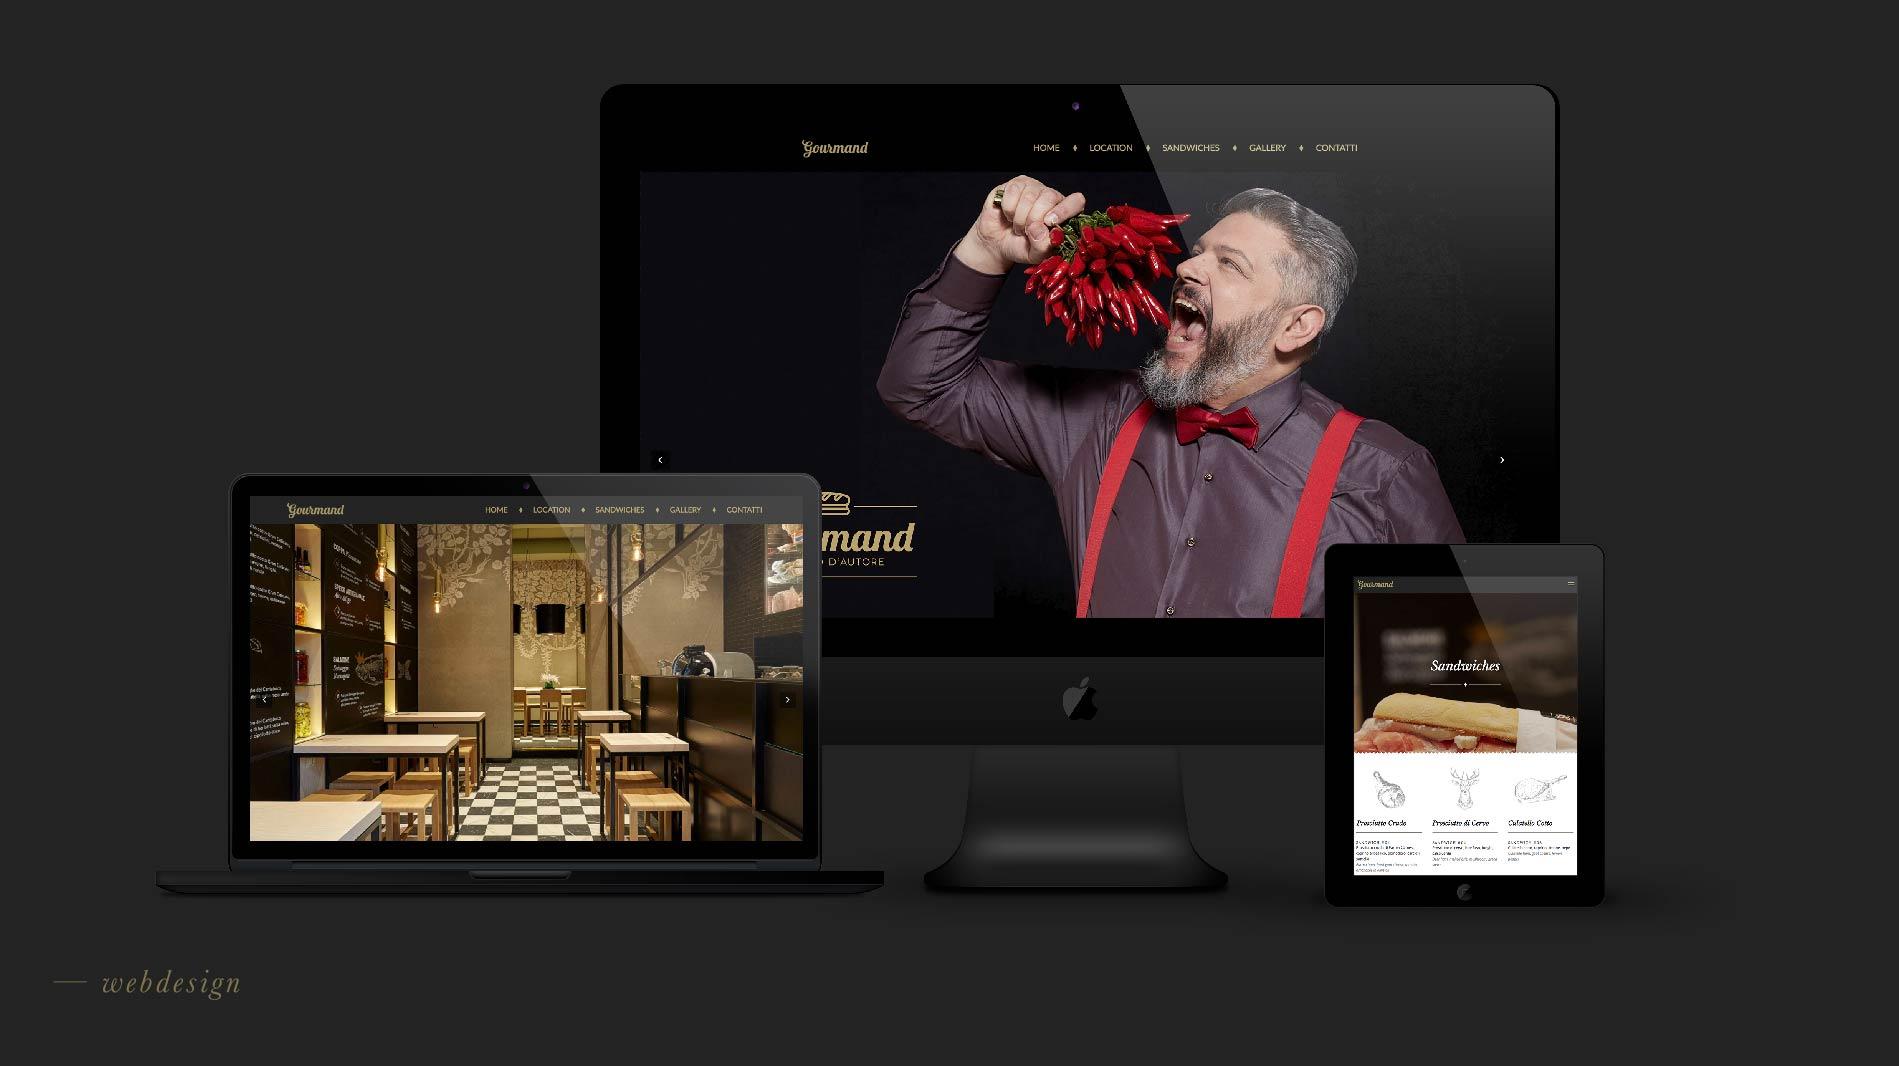 11-Gourmand-panino-autore-webdesign